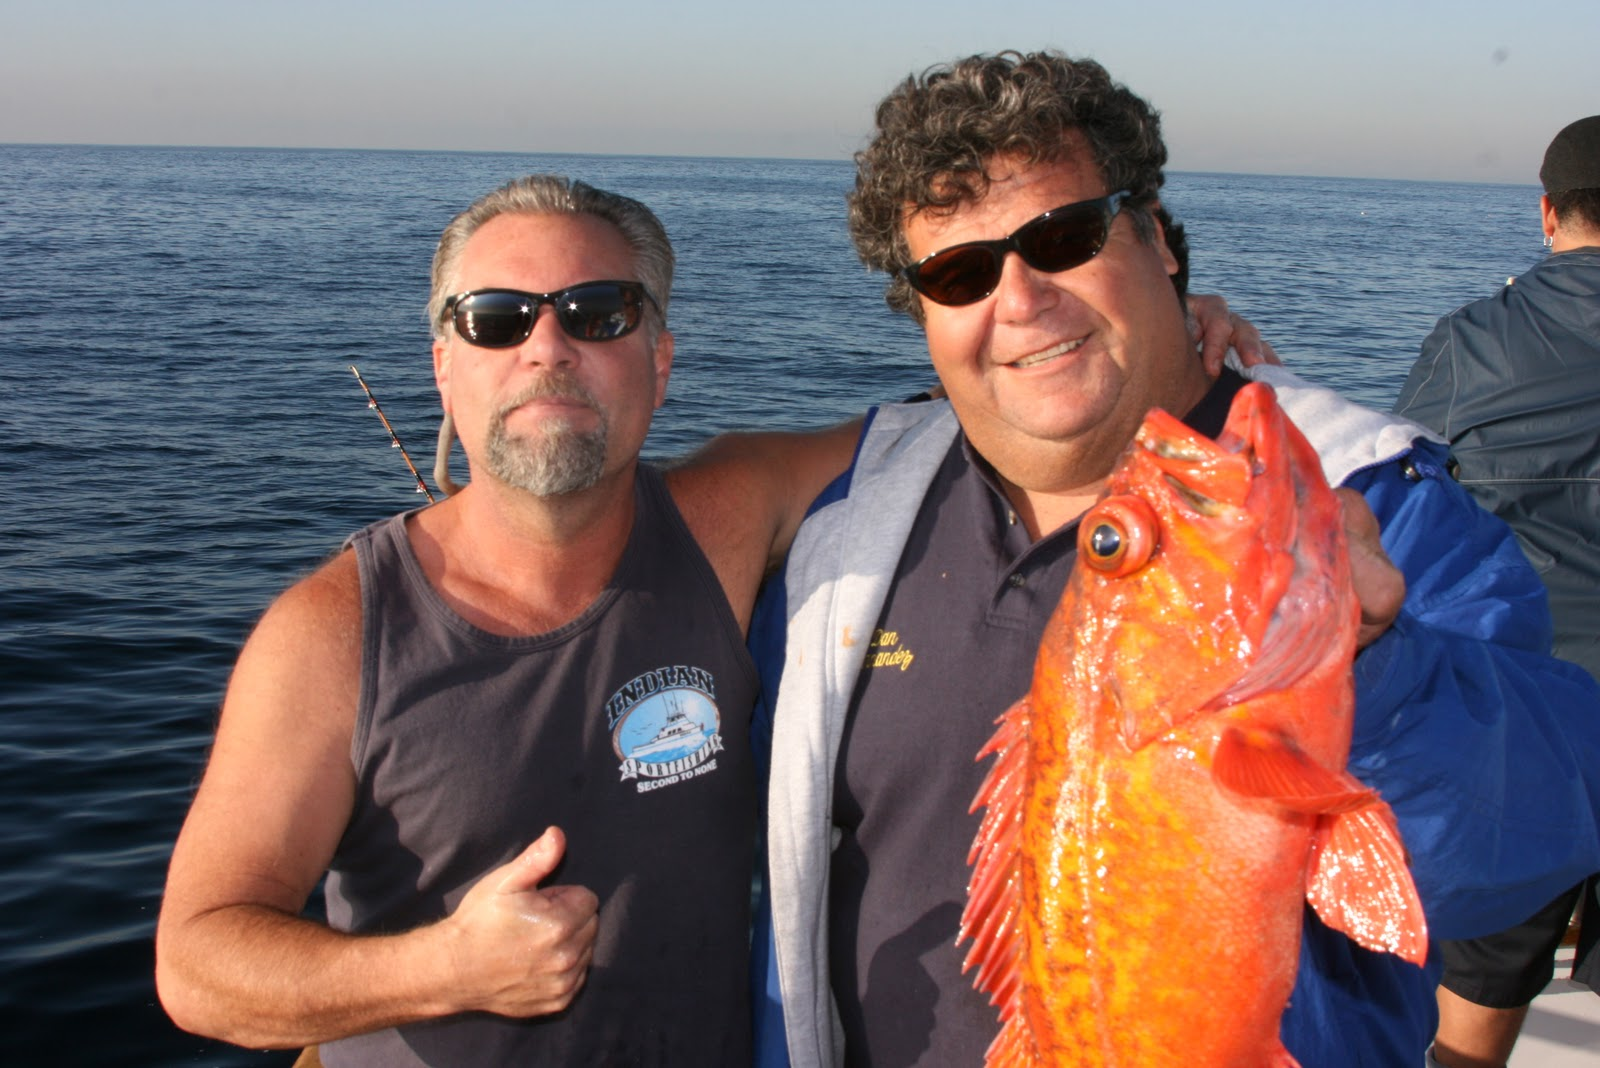 Dan 39 S Journal Indian Rock Fishing Charter Re Cap